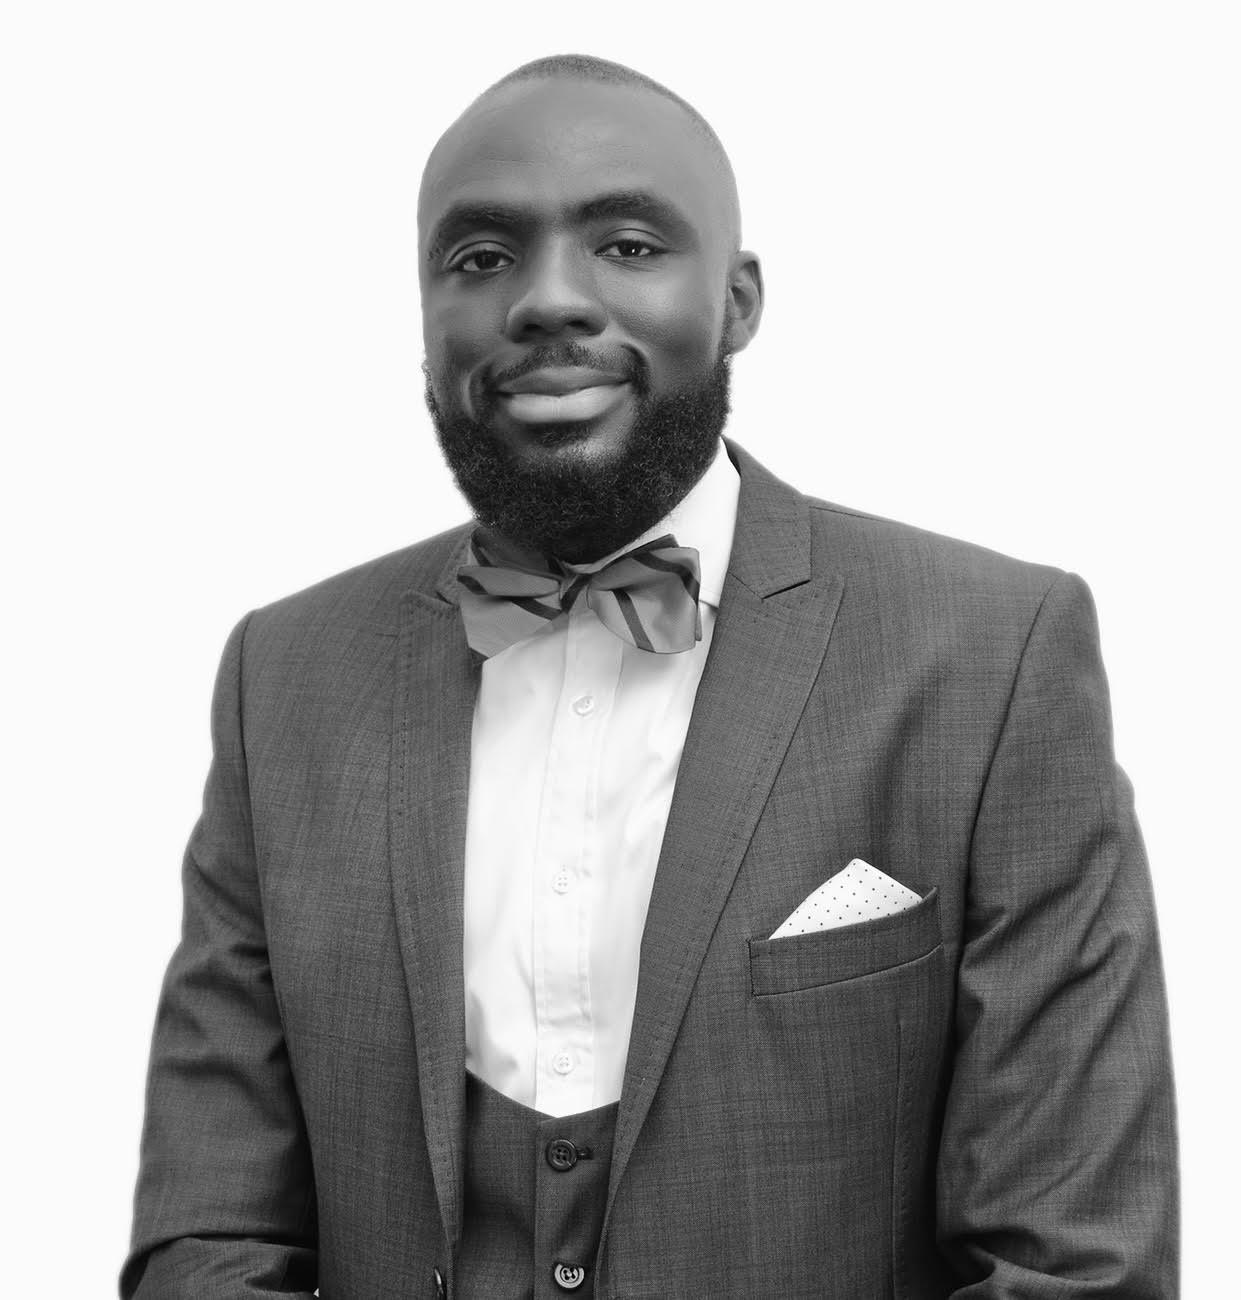 Kwesi Papa Owusu-Ankomah